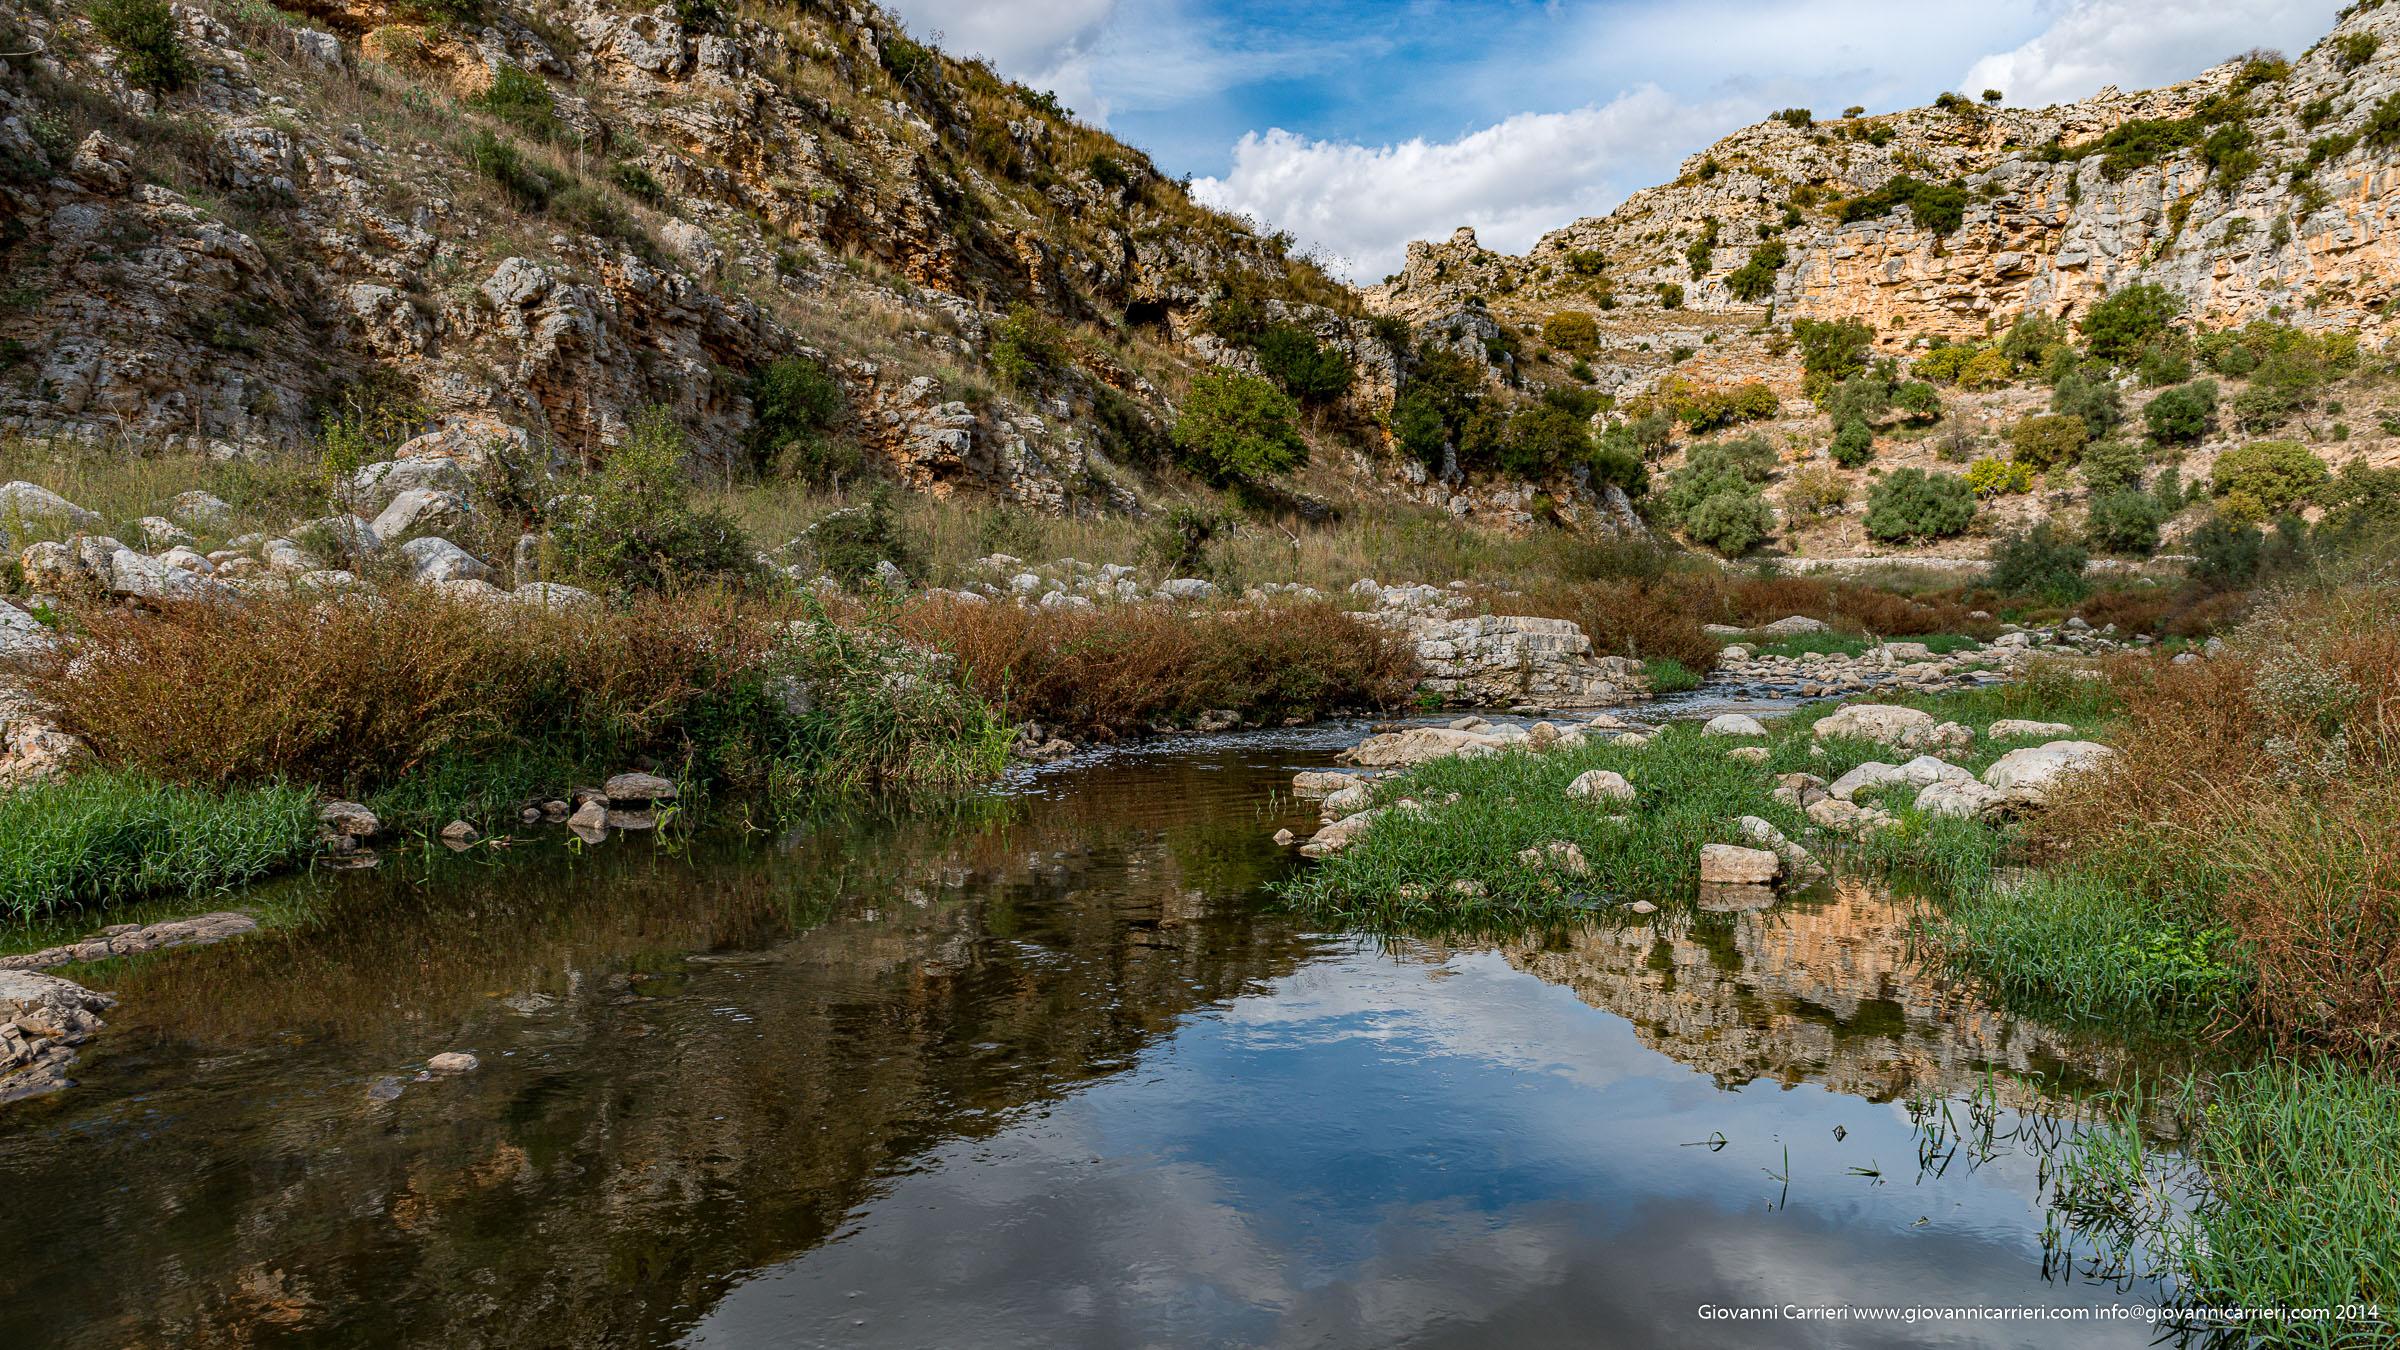 Matera ed il torrente Gravina